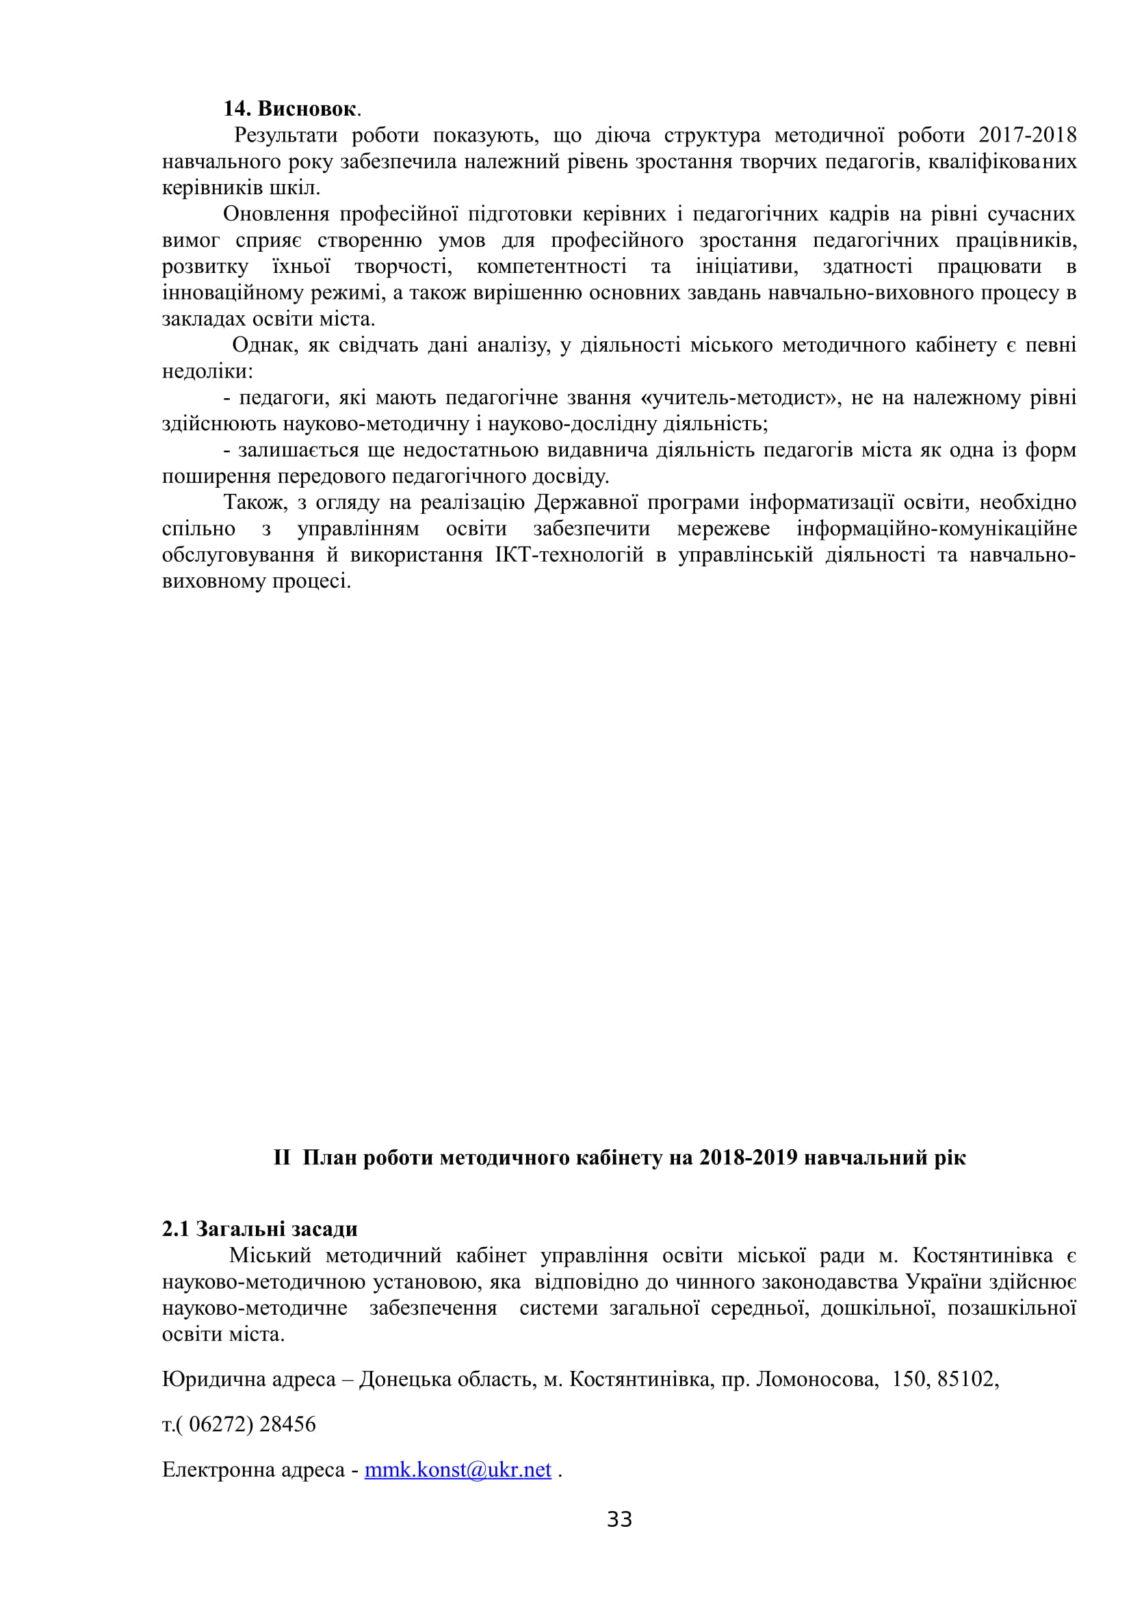 Костянтинівка 2018-2019 - ММК план роботи-34